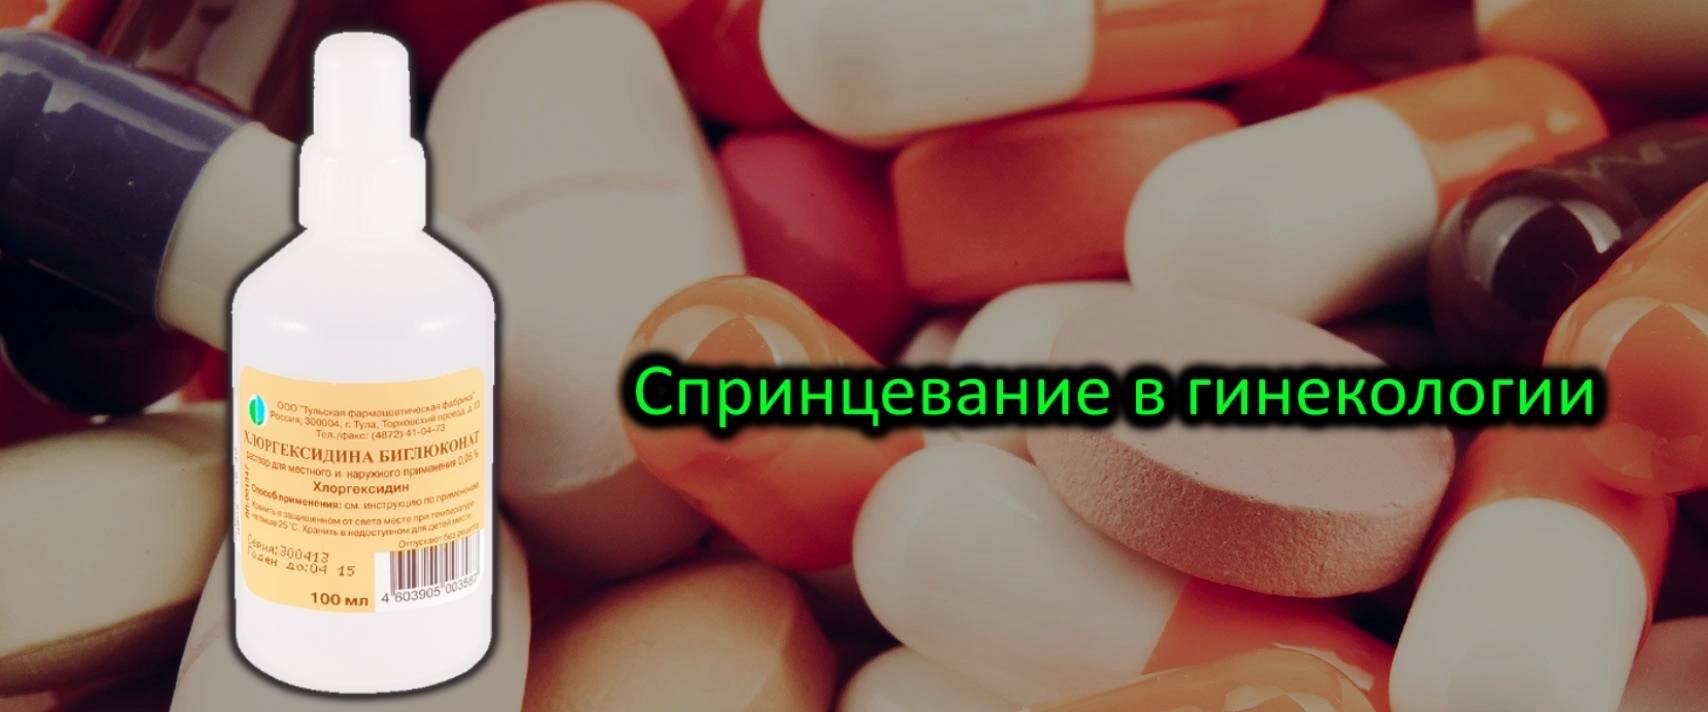 Как пользоваться хлоргексидином в гинекологии: инструкция